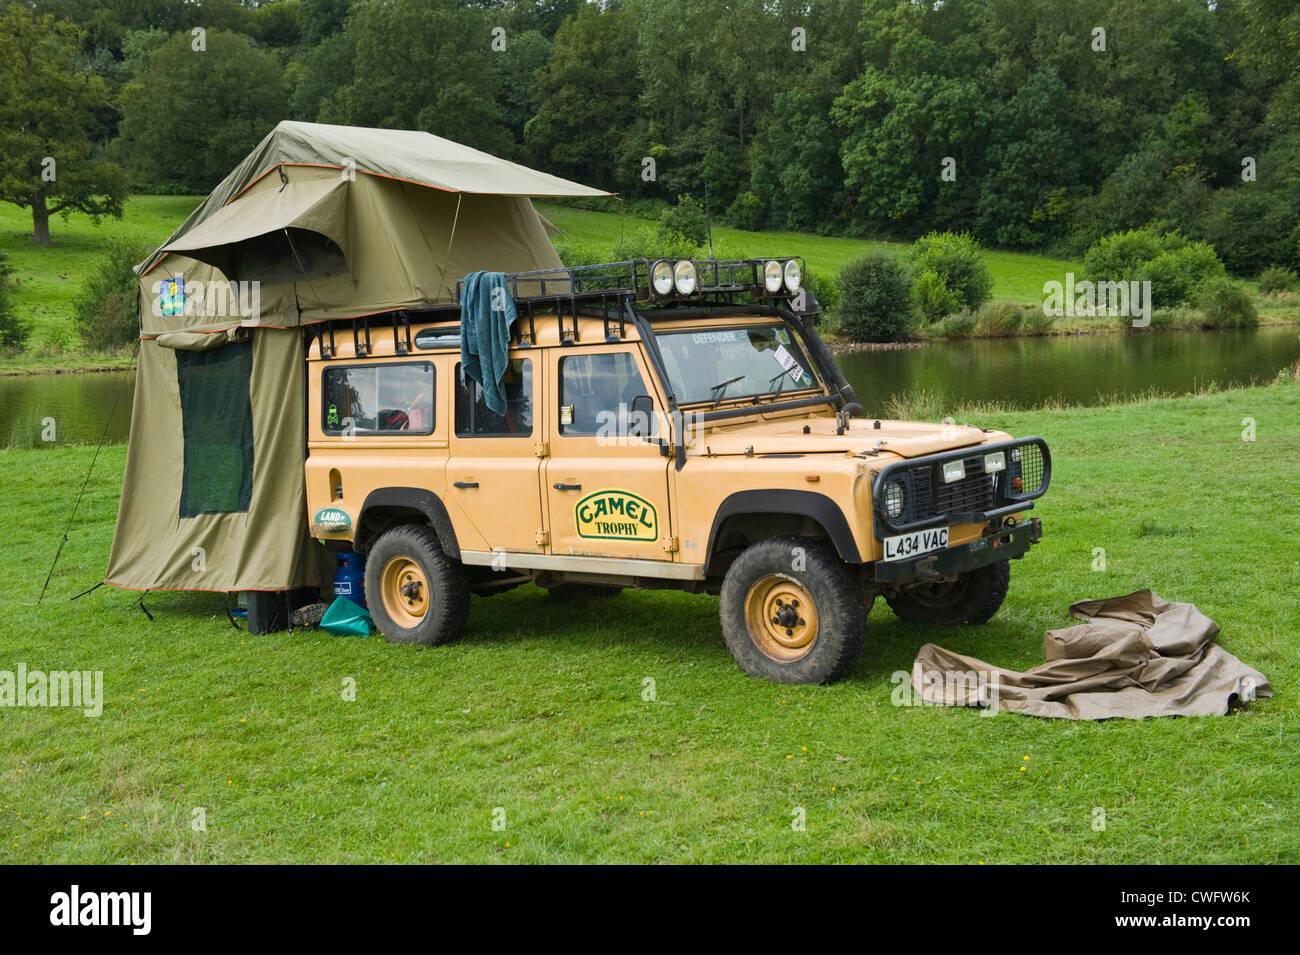 camel trophy land rover defender 110 camping am see in. Black Bedroom Furniture Sets. Home Design Ideas